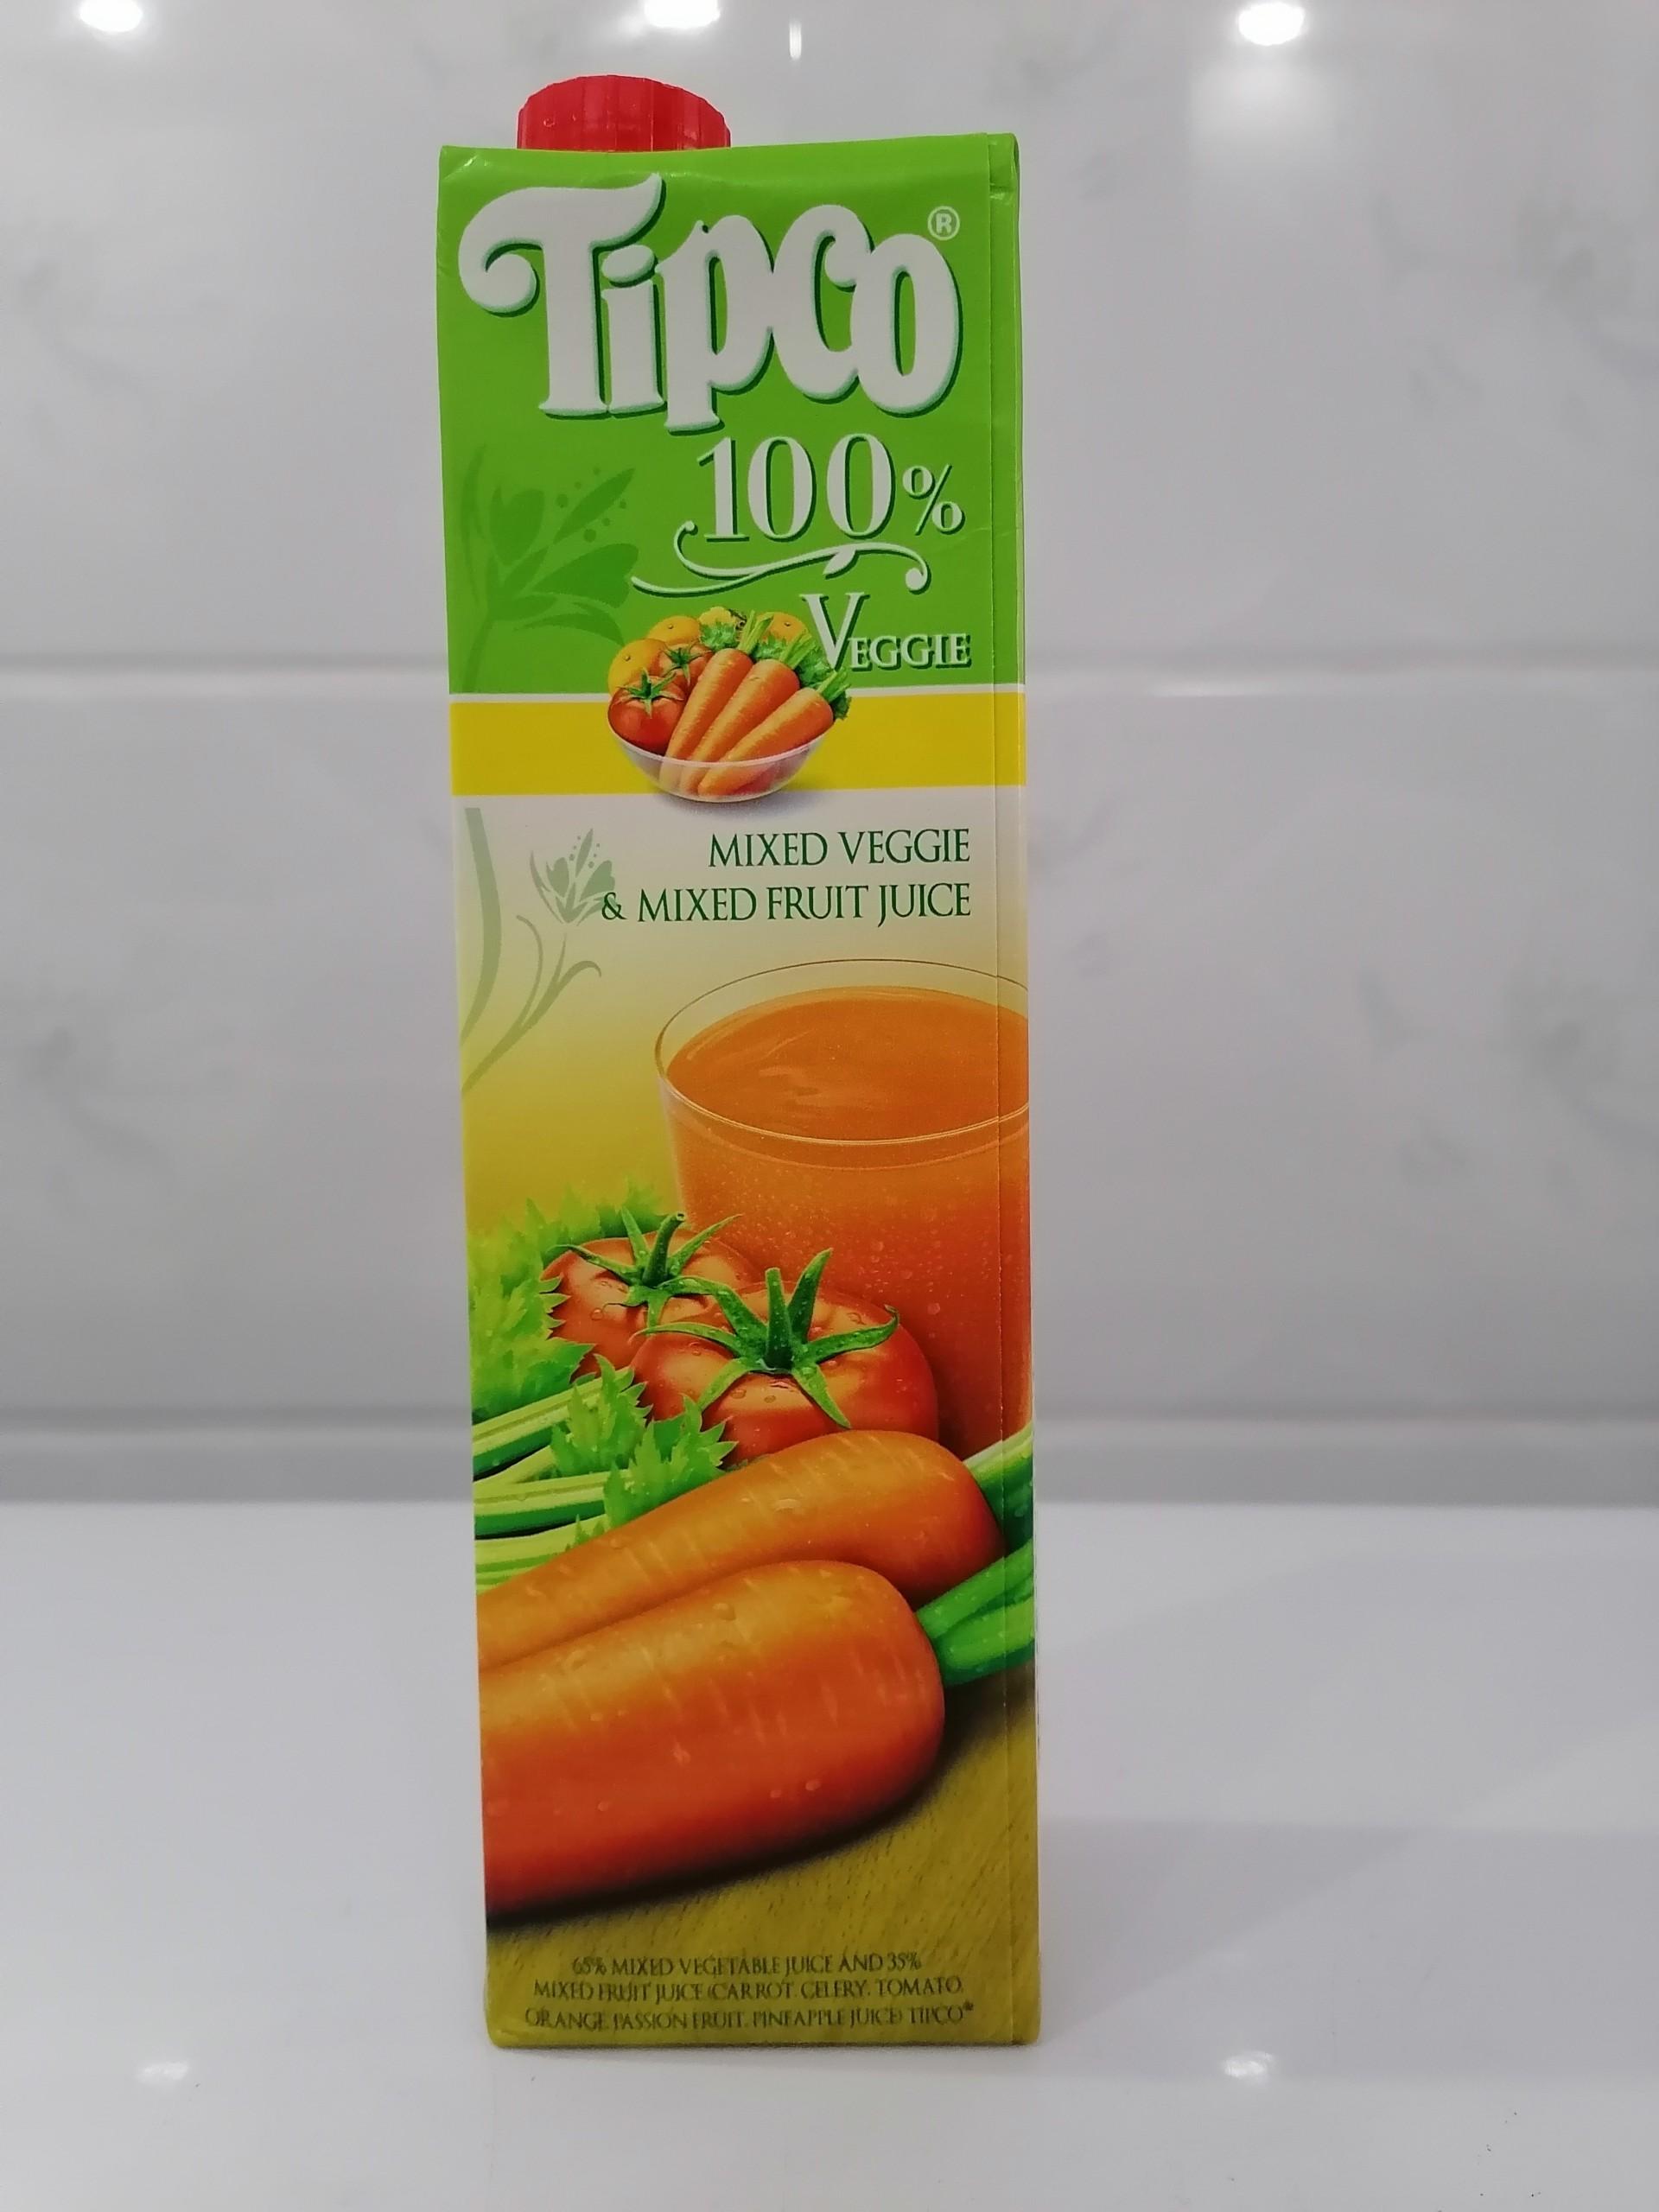 Nước Ép TIPCO Hỗn Hợp Rau Và Trái Cây 100% Mix Veggie & Mix Fruit Juice 1 Lít (halal)